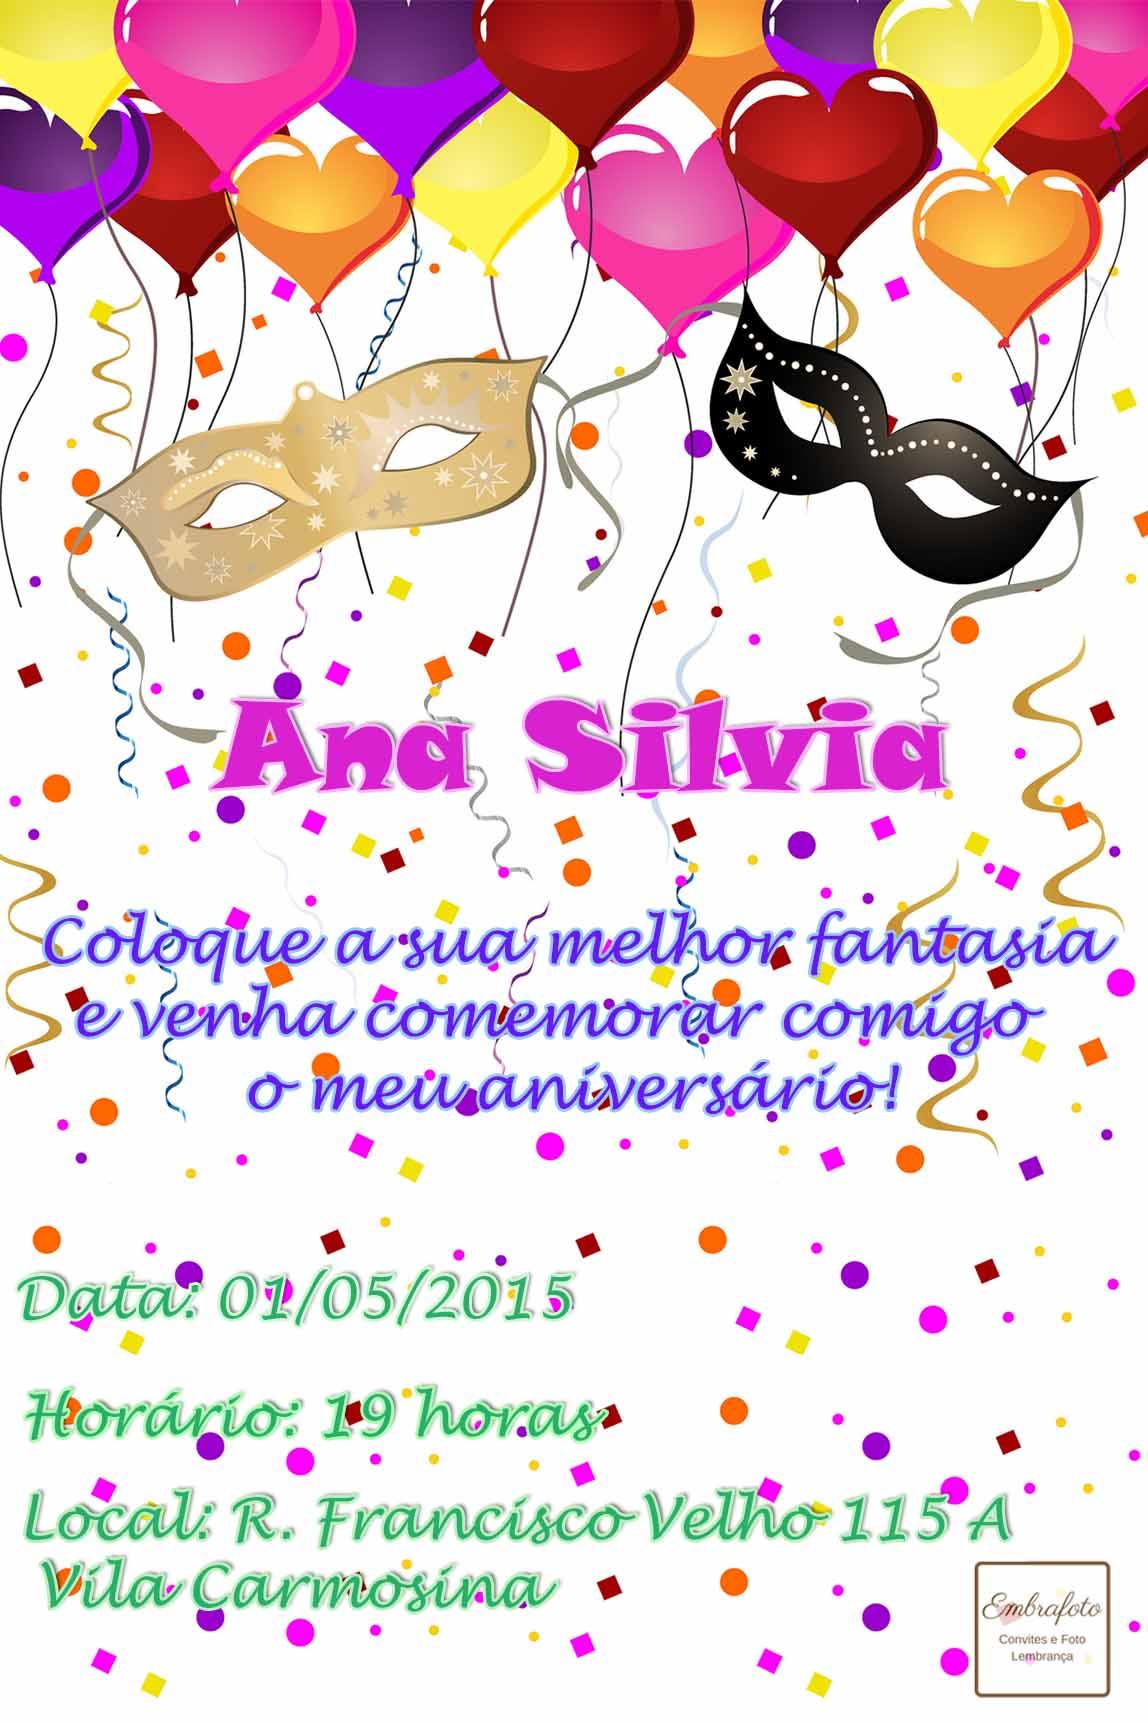 Convites Para Aniversario Colecao De Embrafoto Embrafoto Elo7